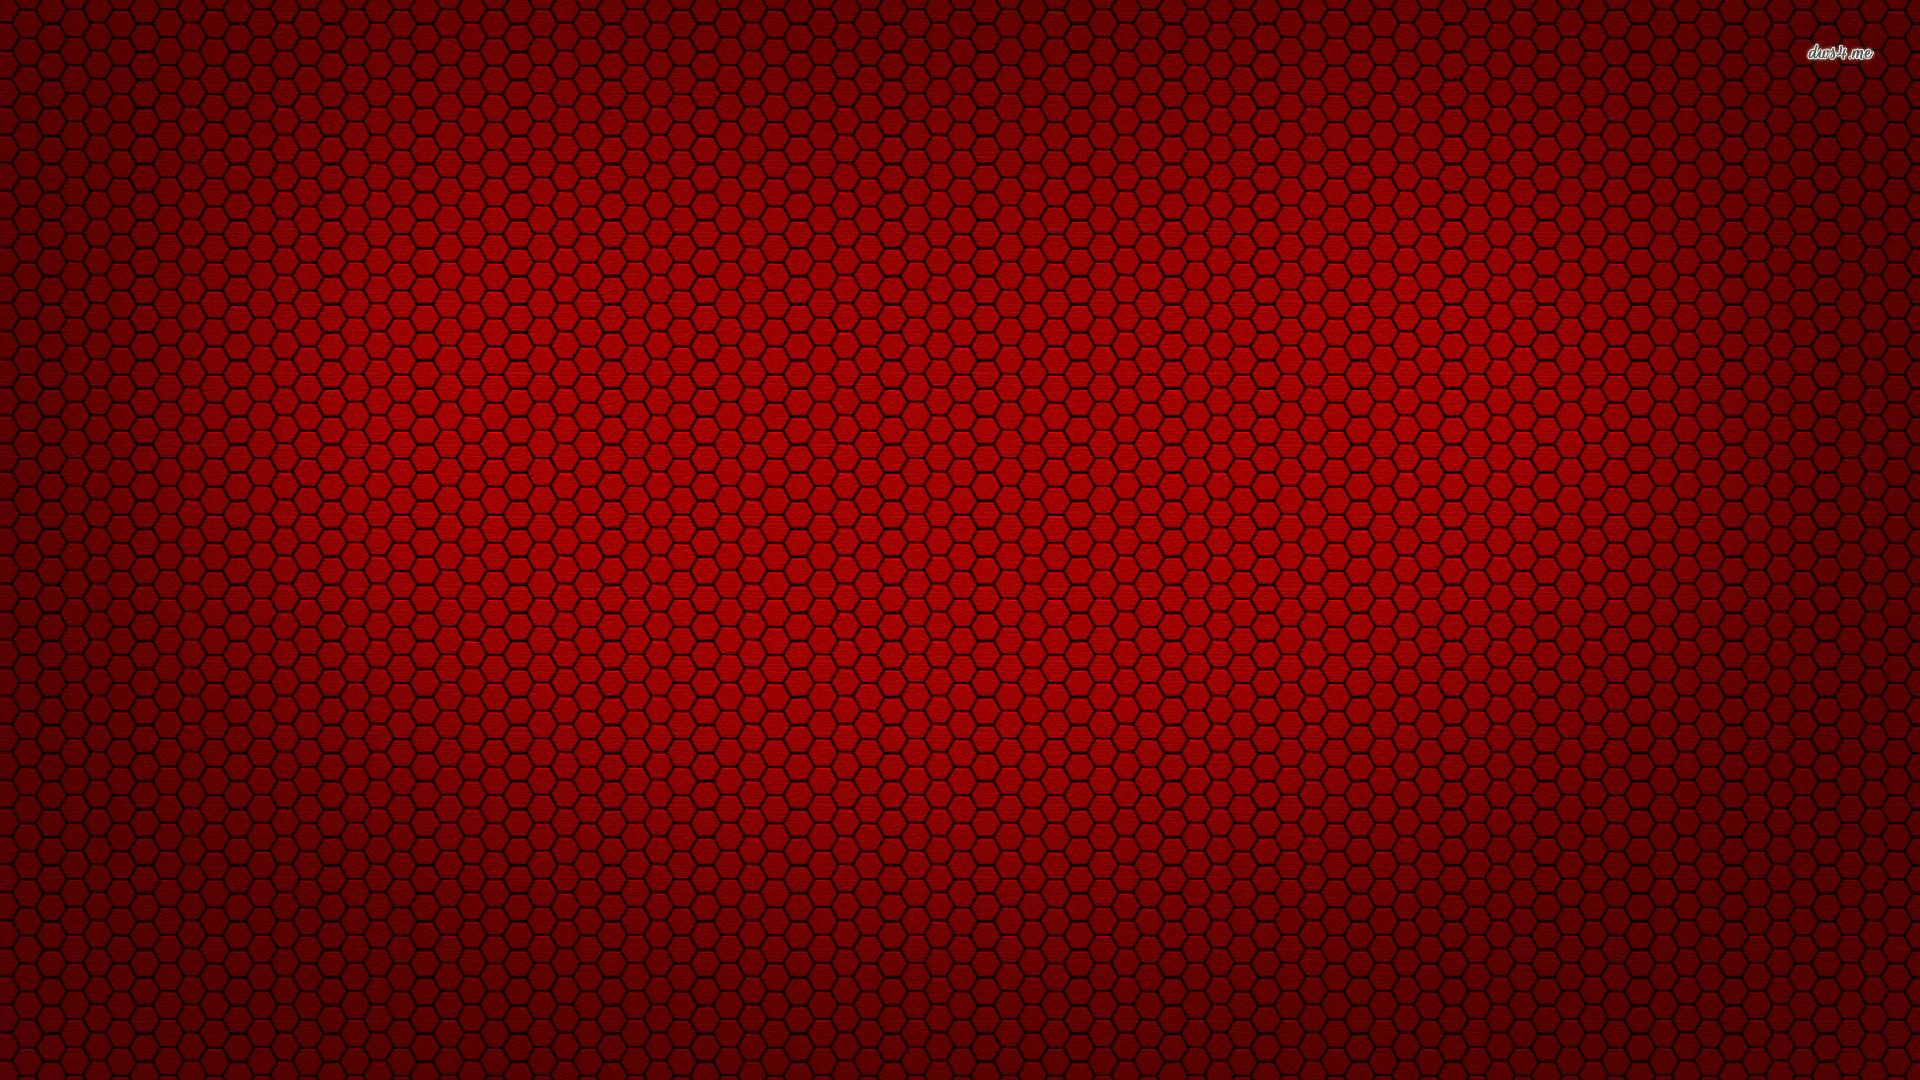 Carbon Fiber Wallpaper 1920x1080 (73+ images)